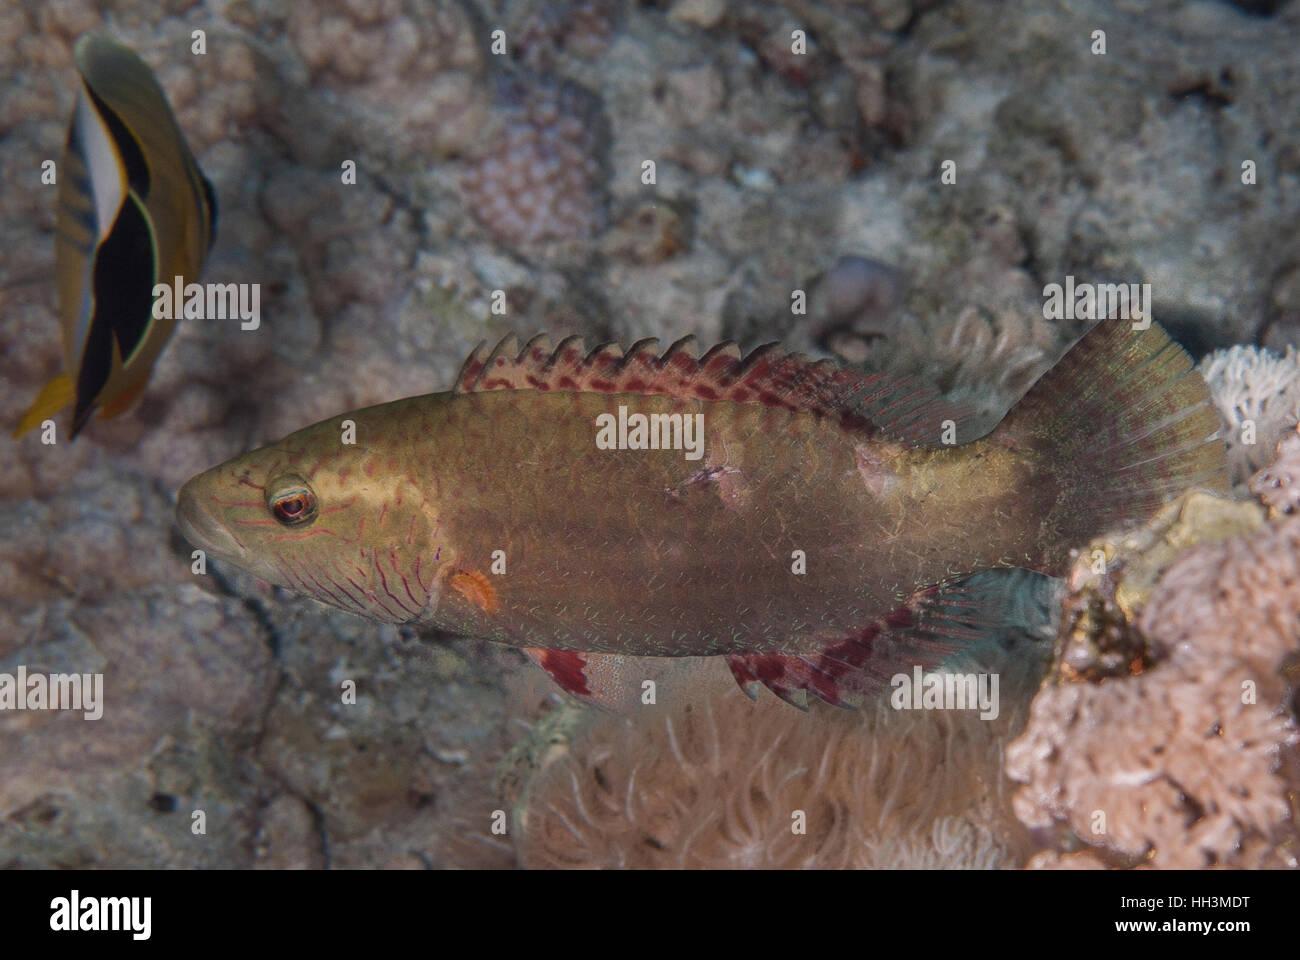 Napoleón, Oxycheilinus mentalis mental, Labridae, Sharm el-Sheikh, en el Mar Rojo, Egipto Imagen De Stock